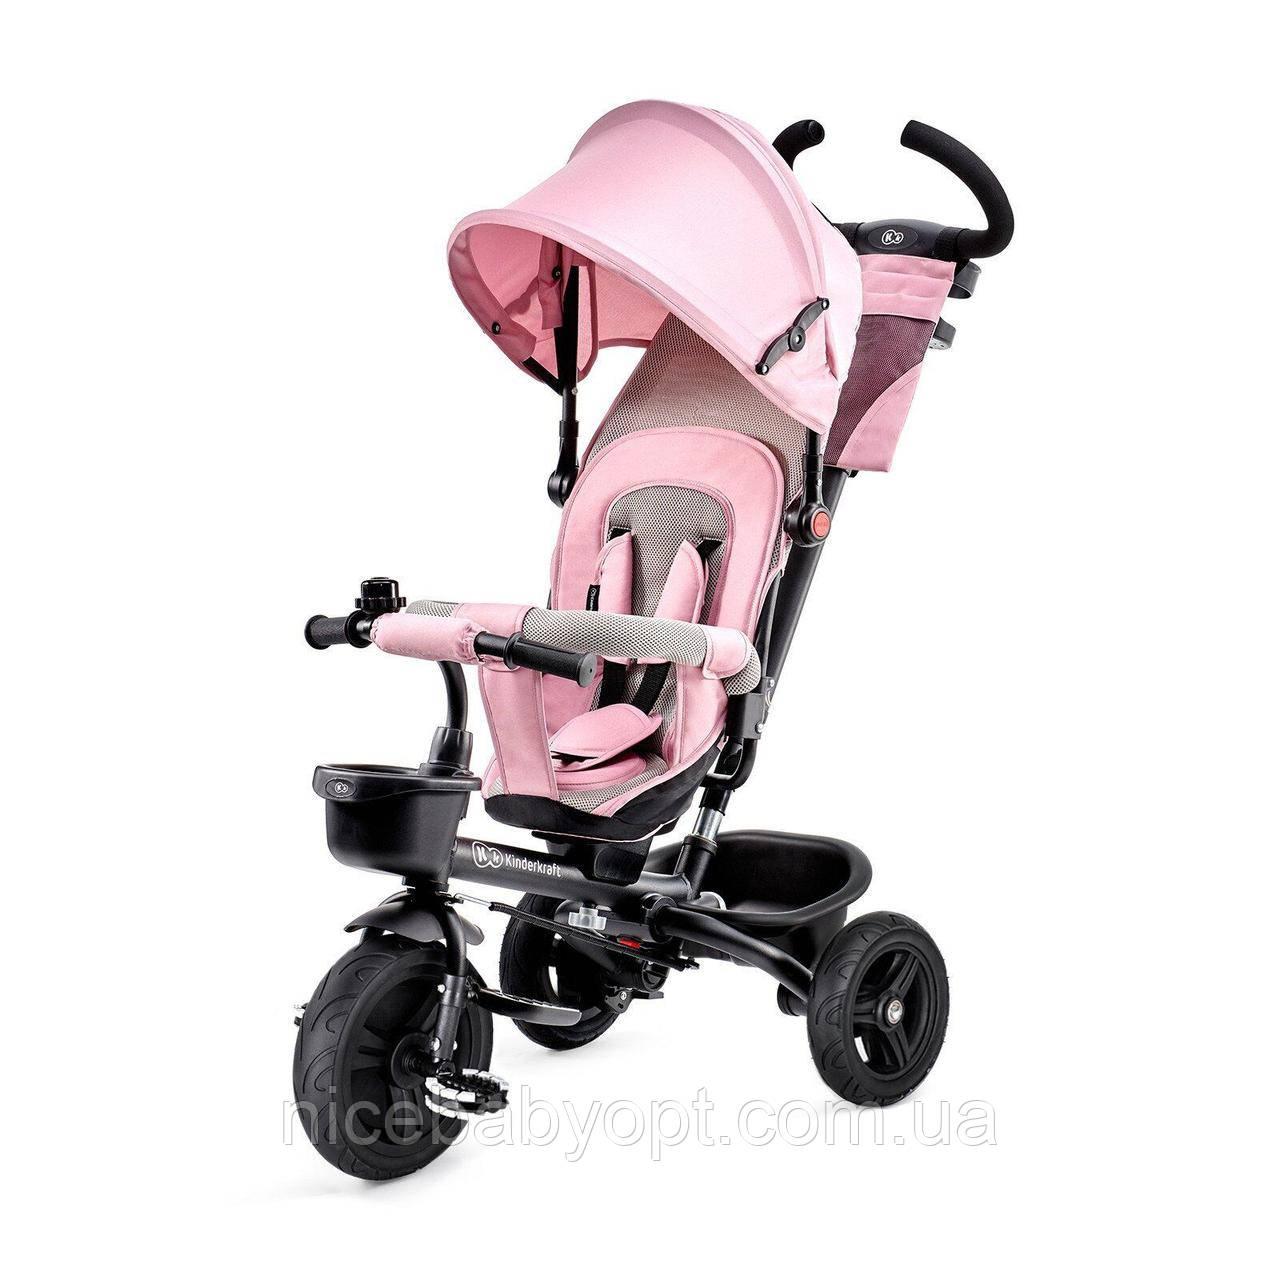 Триколісний велосипед Kinderkraft Aveo Pink